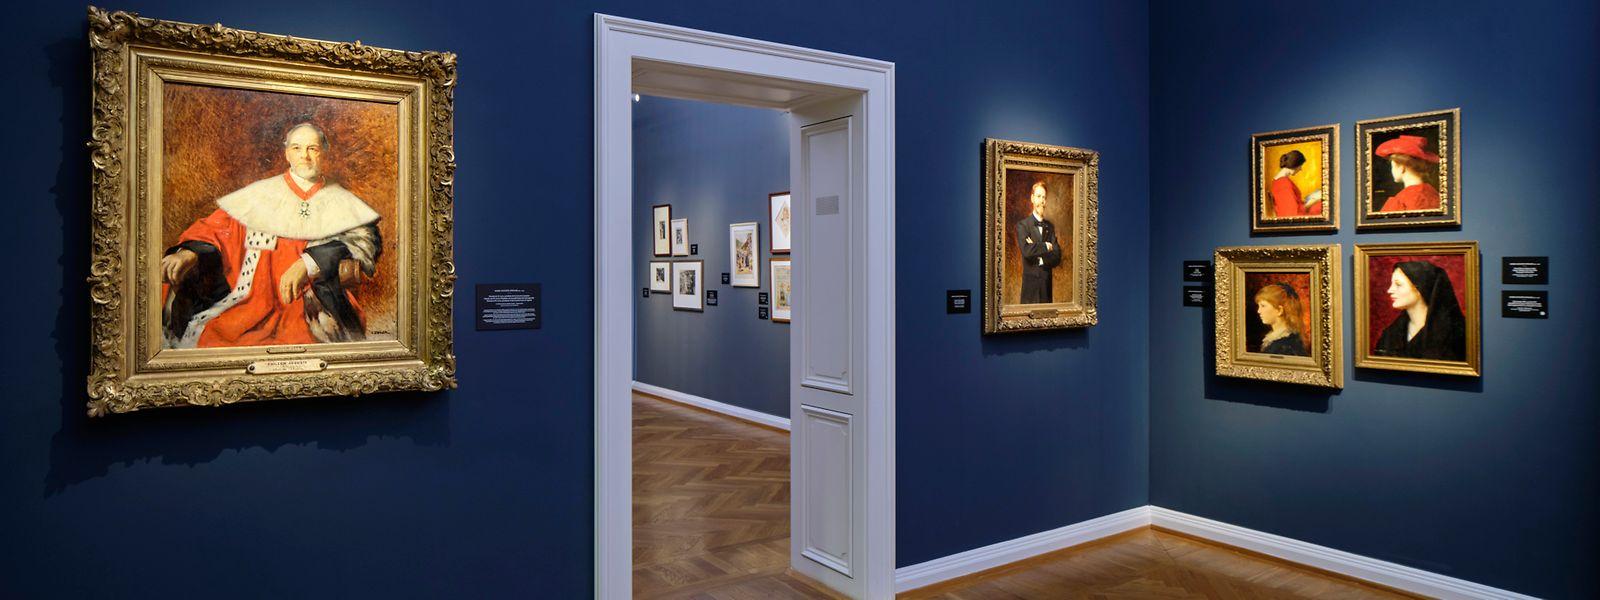 """Die eindringlichen Porträts des im Elsass geborenen Malers Marie Augustin Zwiller – besonders das zur Sammlung gehörende """"Tête de jeune fille, vue de profil"""" (ganz rechts) – ziehen die Blicke an."""